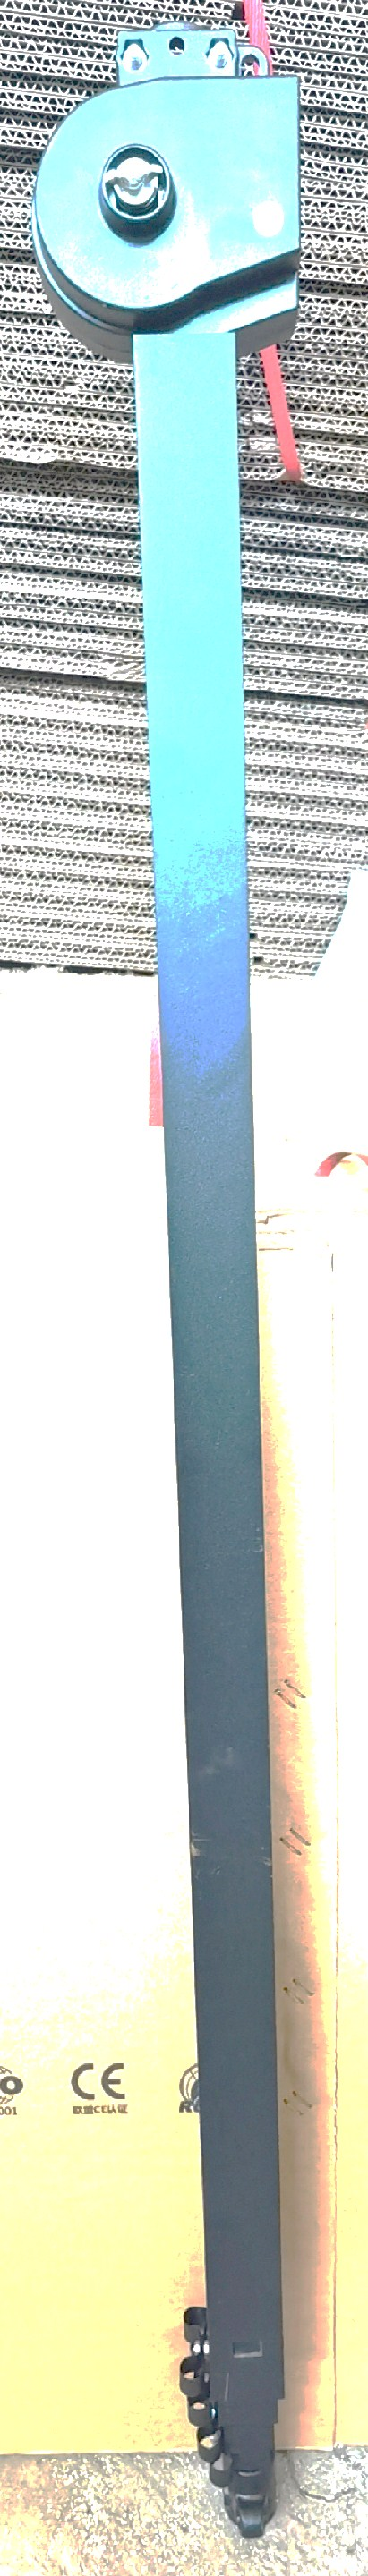 垂直伸縮吊桿,垂直升降吊桿,方管恒力吊桿